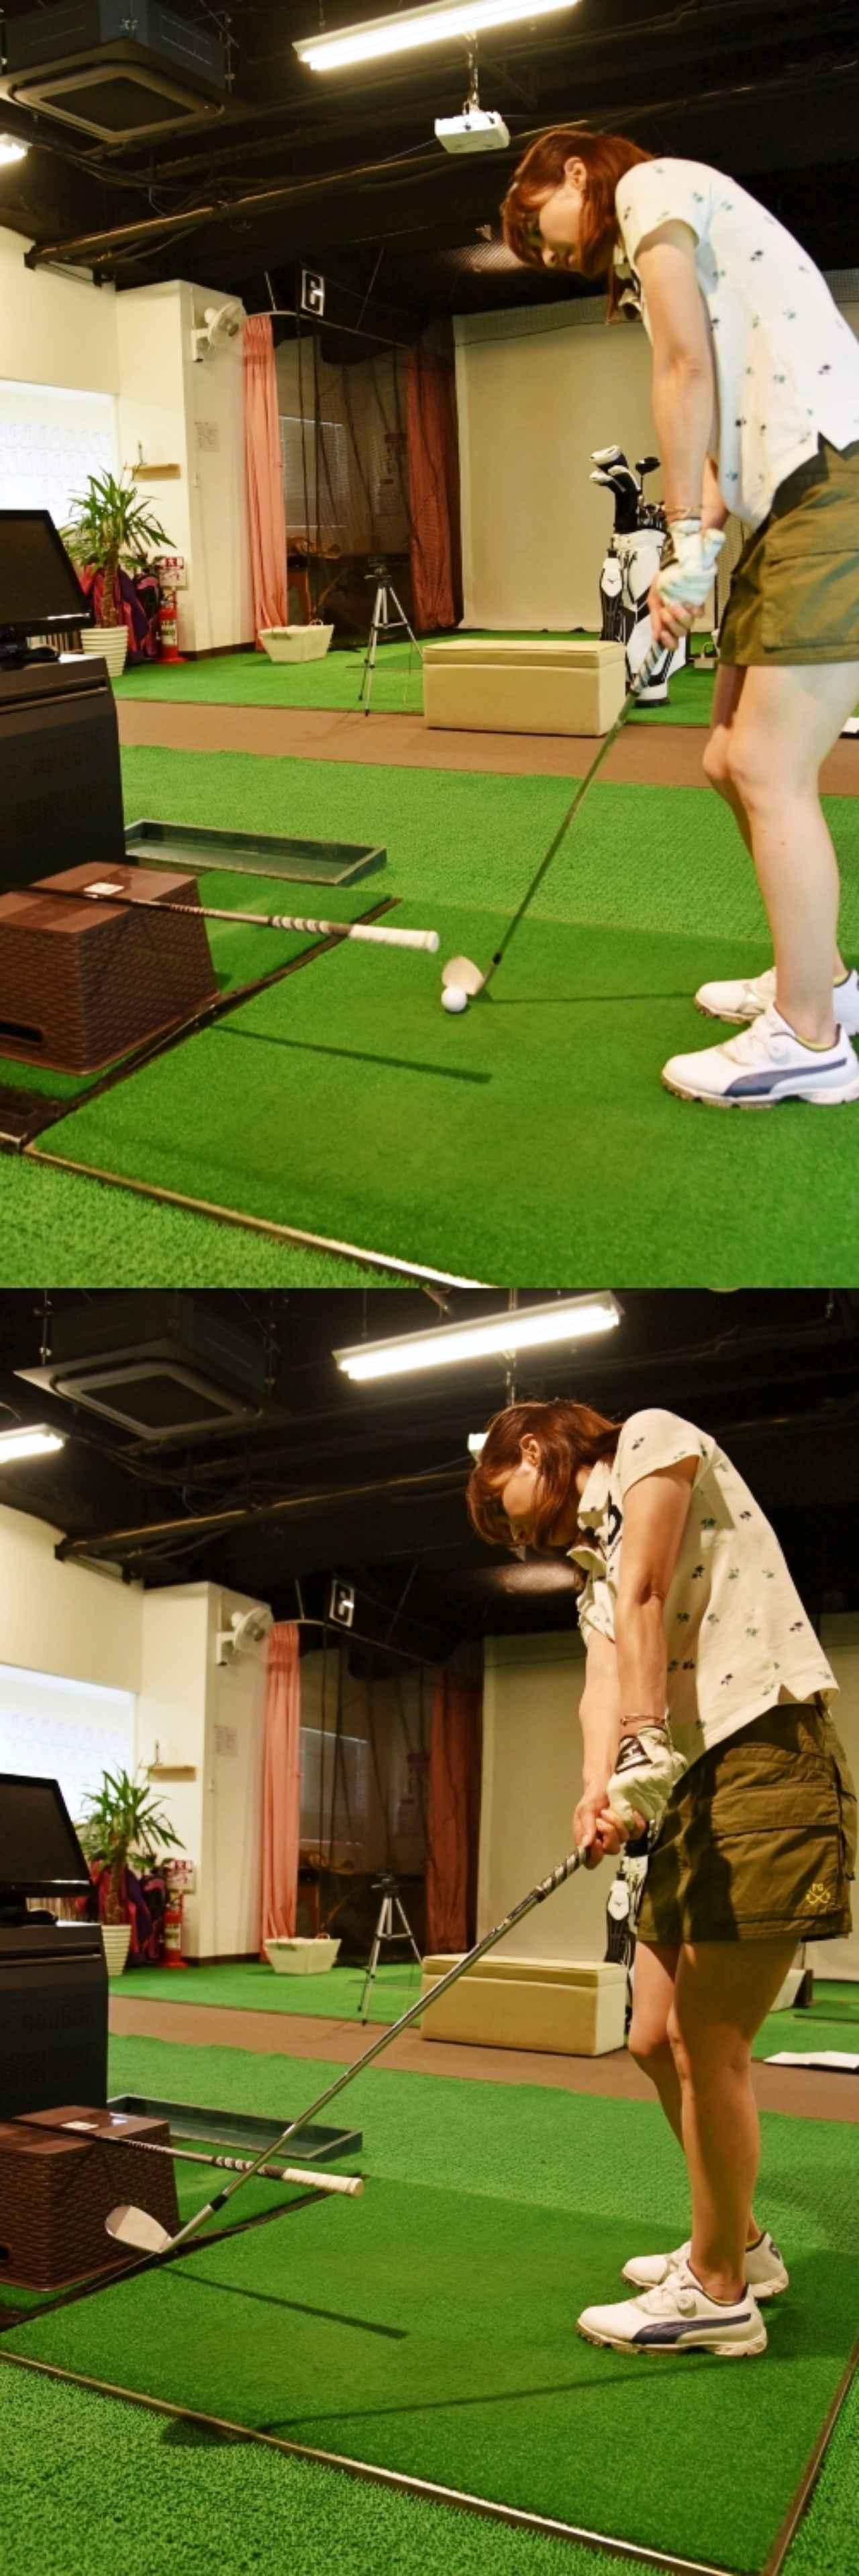 画像: カンタン練習器具でヘッドの軌道を作り上げよう